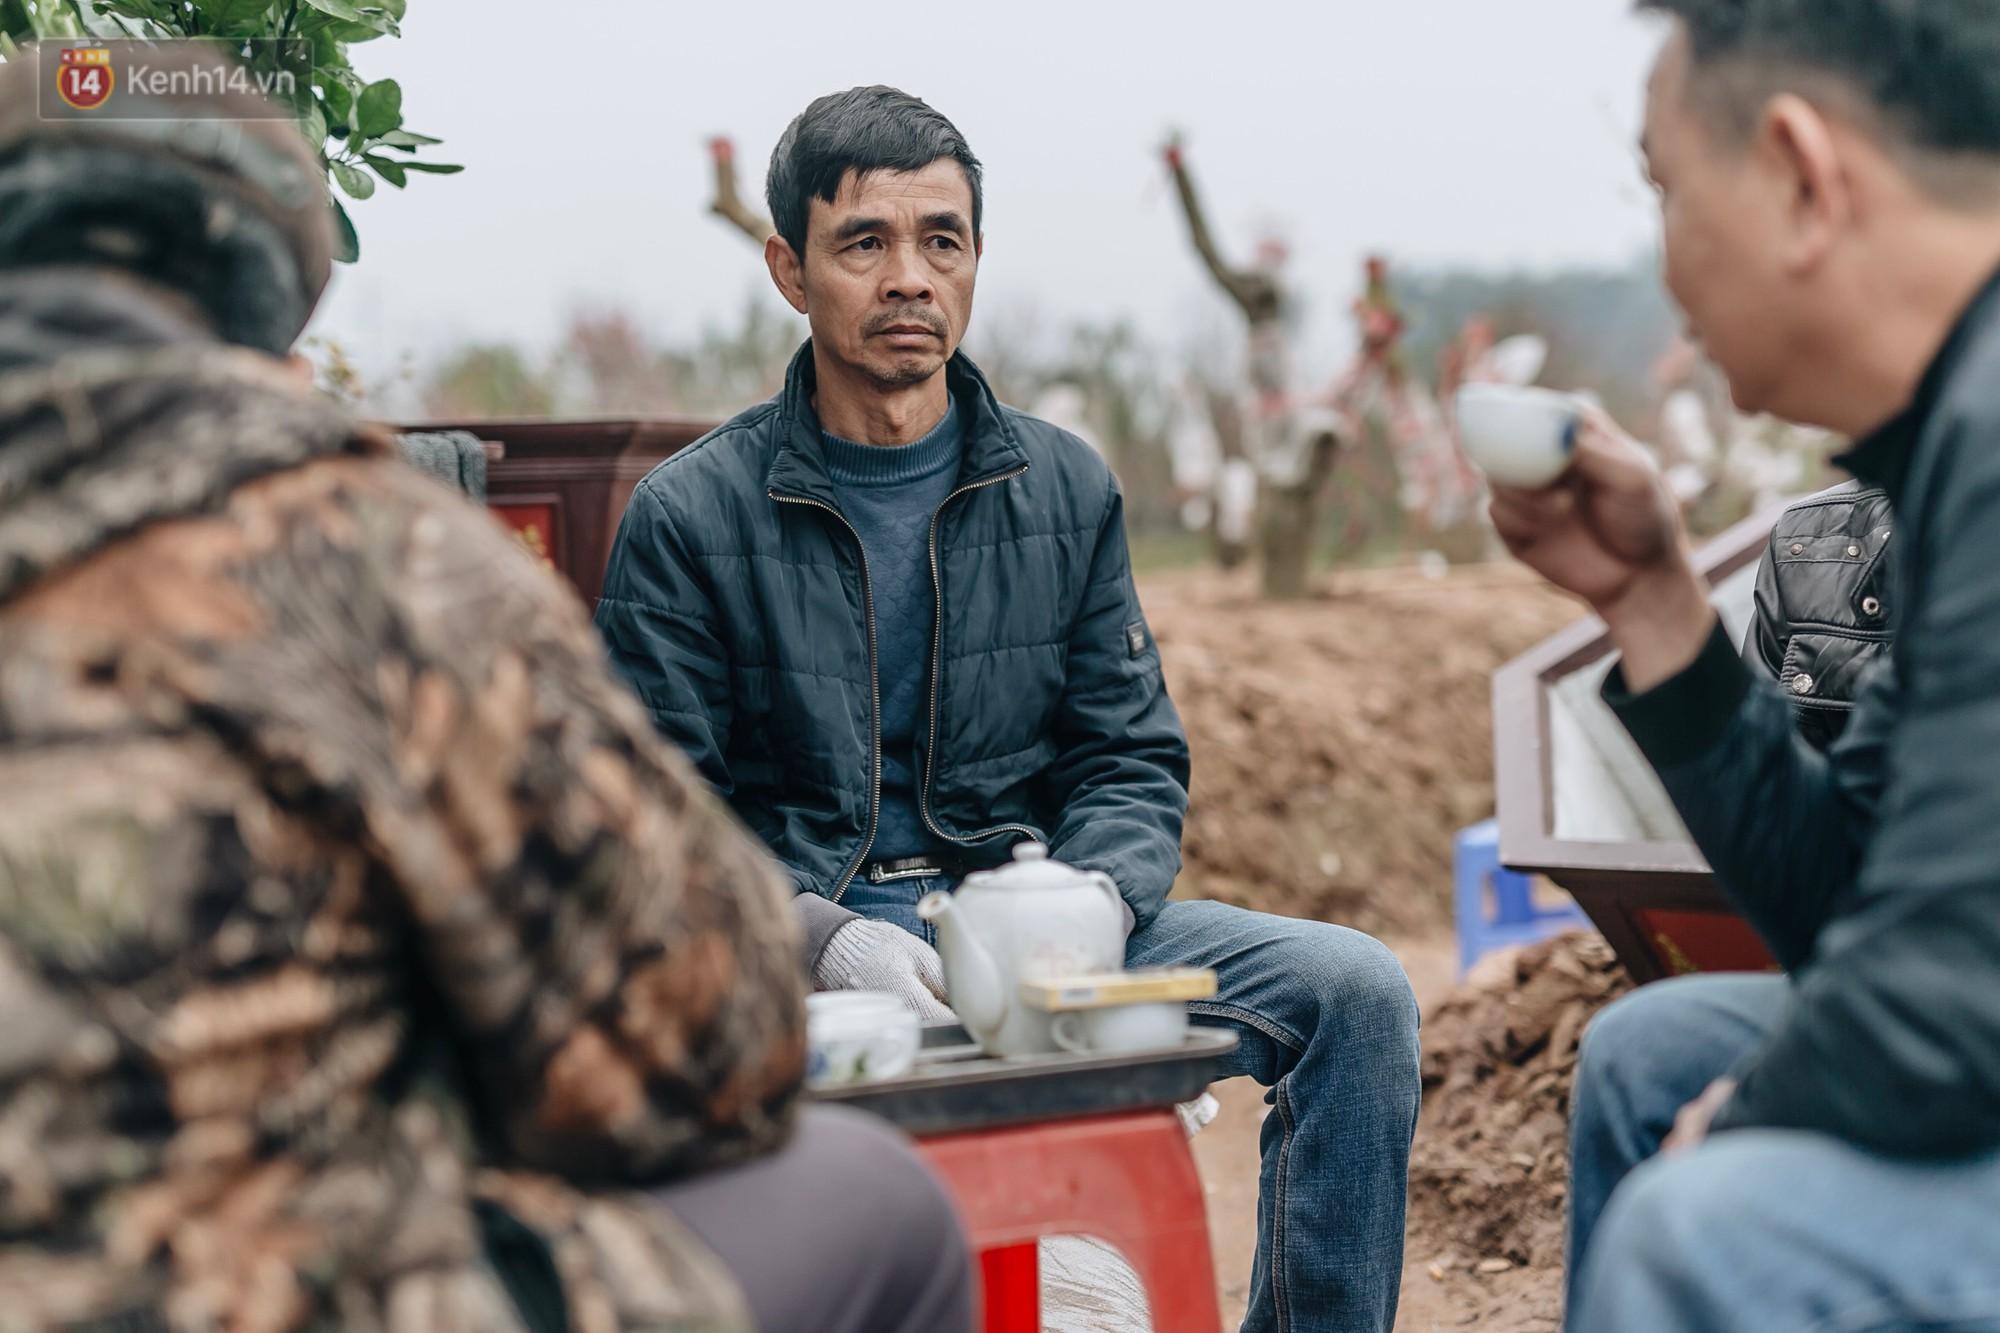 Gần 200 gốc đào của người dân Bắc Ninh bị chặt phá trong đêm: Tết năm nay còn chả có bánh chưng mà ăn-12